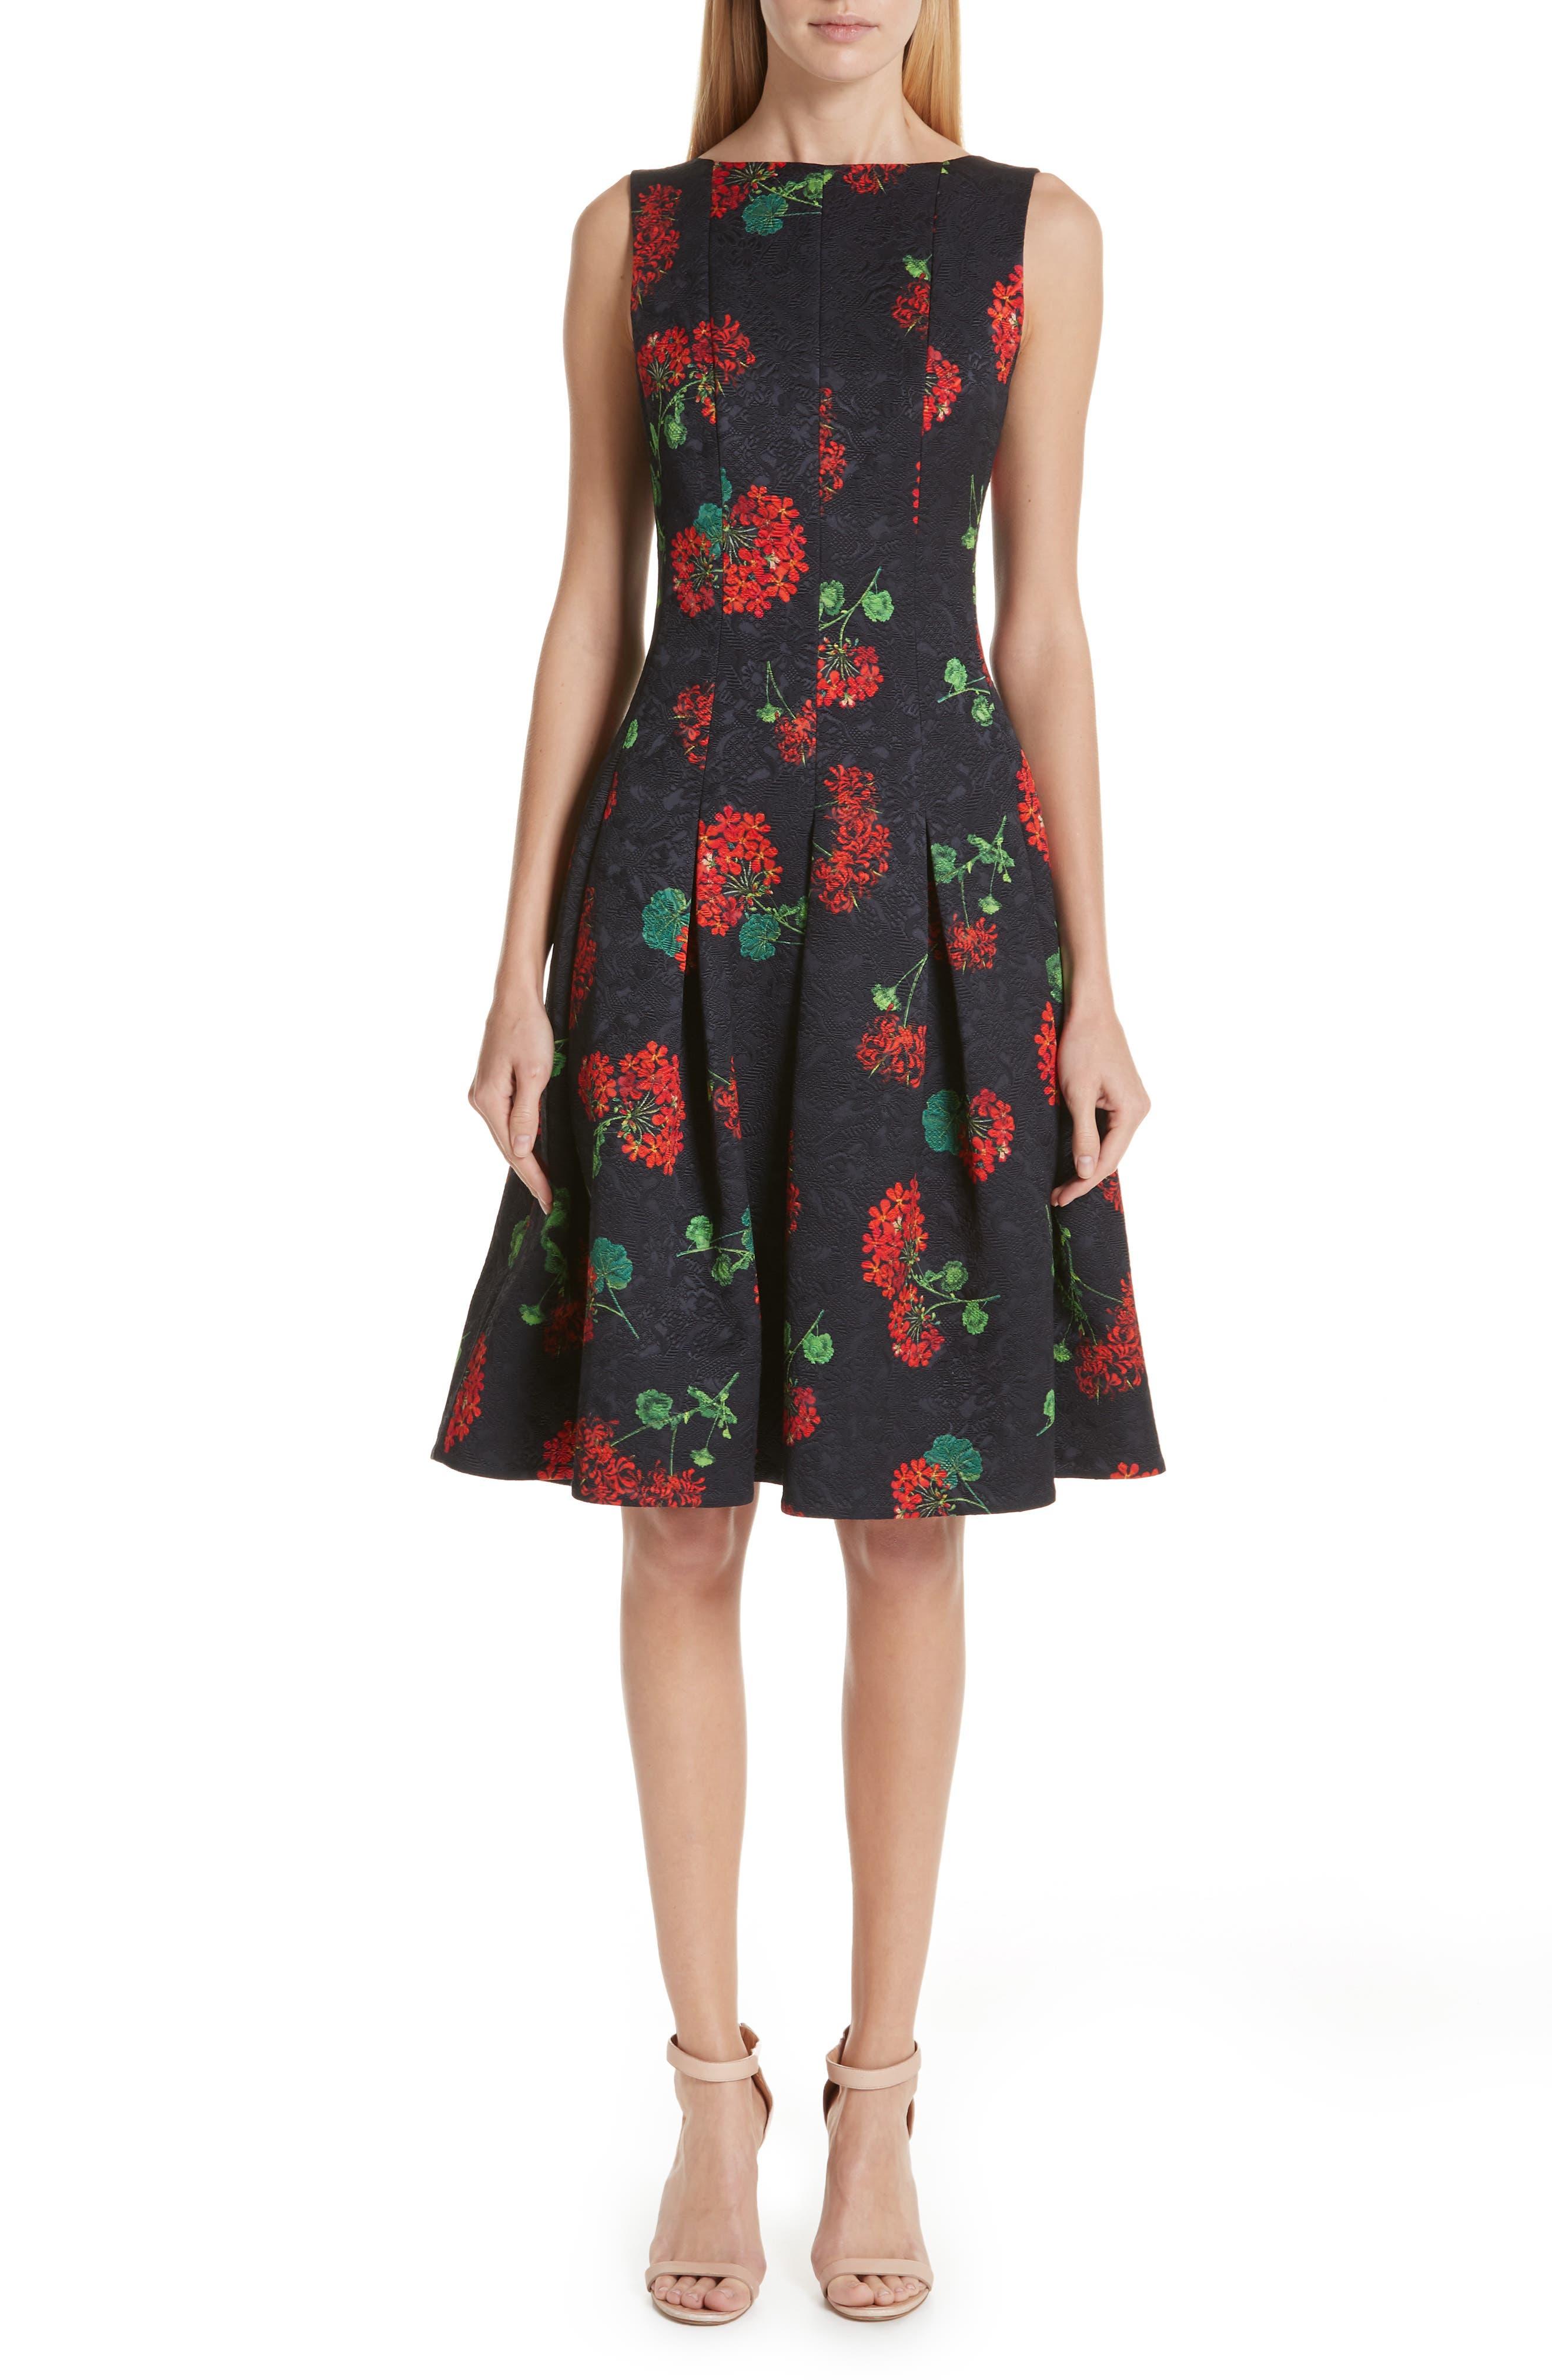 OSCAR DE LA RENTA Sleeveless Floral-Jacquard 2-Pocket Fit-And-Flare Dress in Black